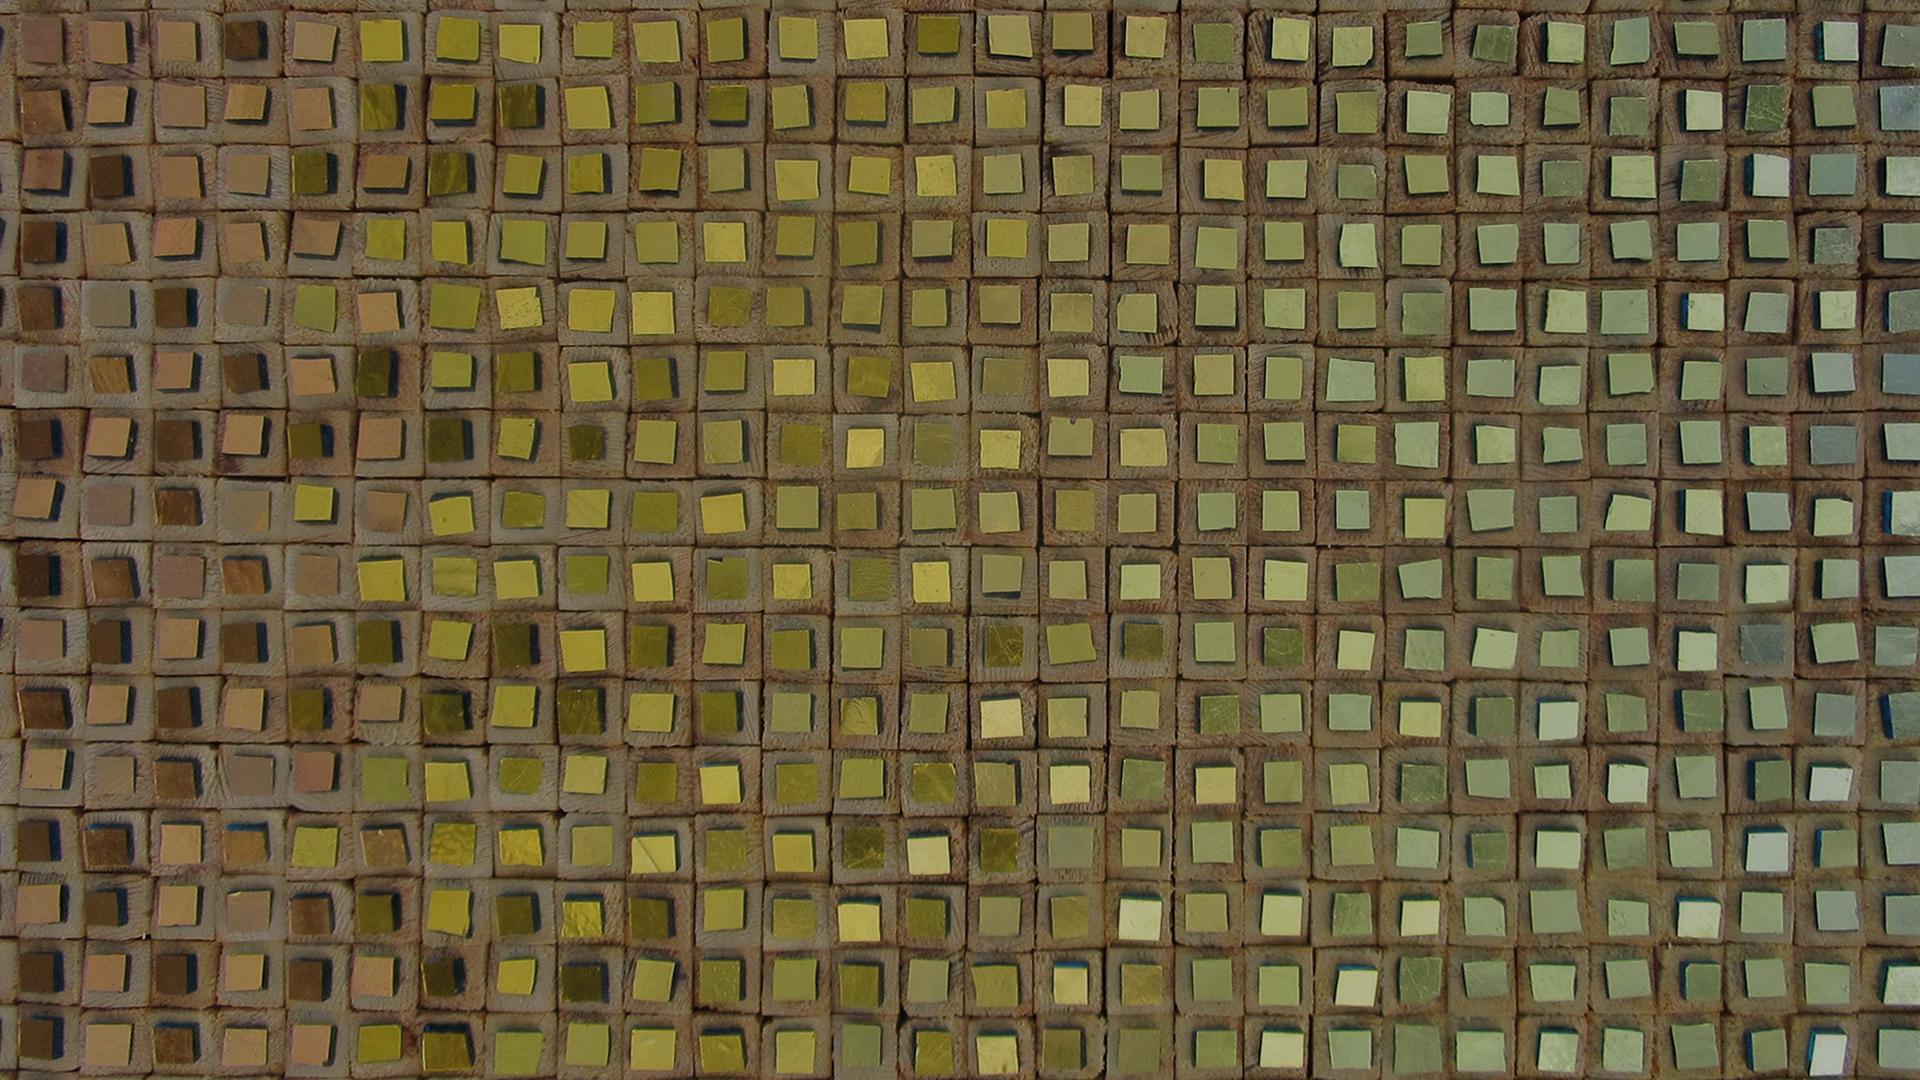 composizione oro e legno 1- detail-Mozaïekatelier Colorito-Natasja Mulder